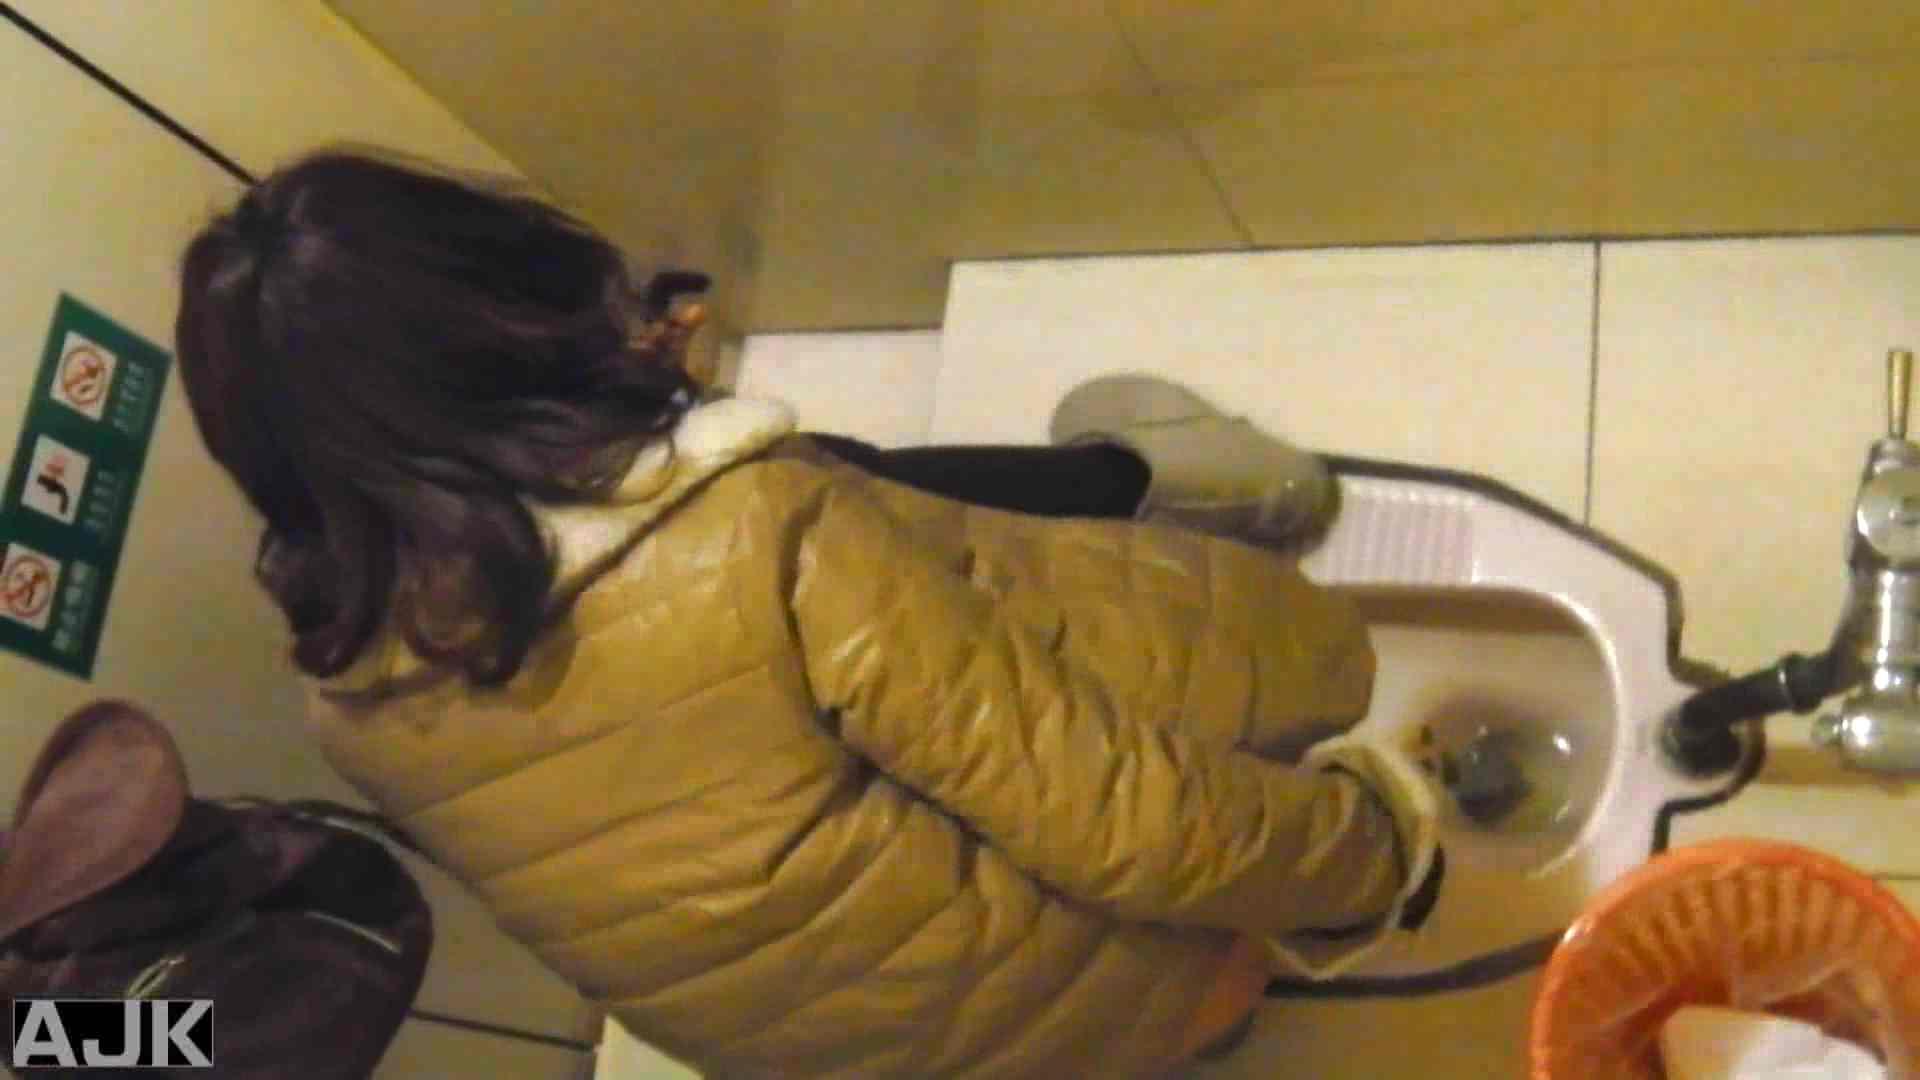 隣国上階級エリアの令嬢たちが集うデパートお手洗い Vol.02 お手洗い  77pic 40